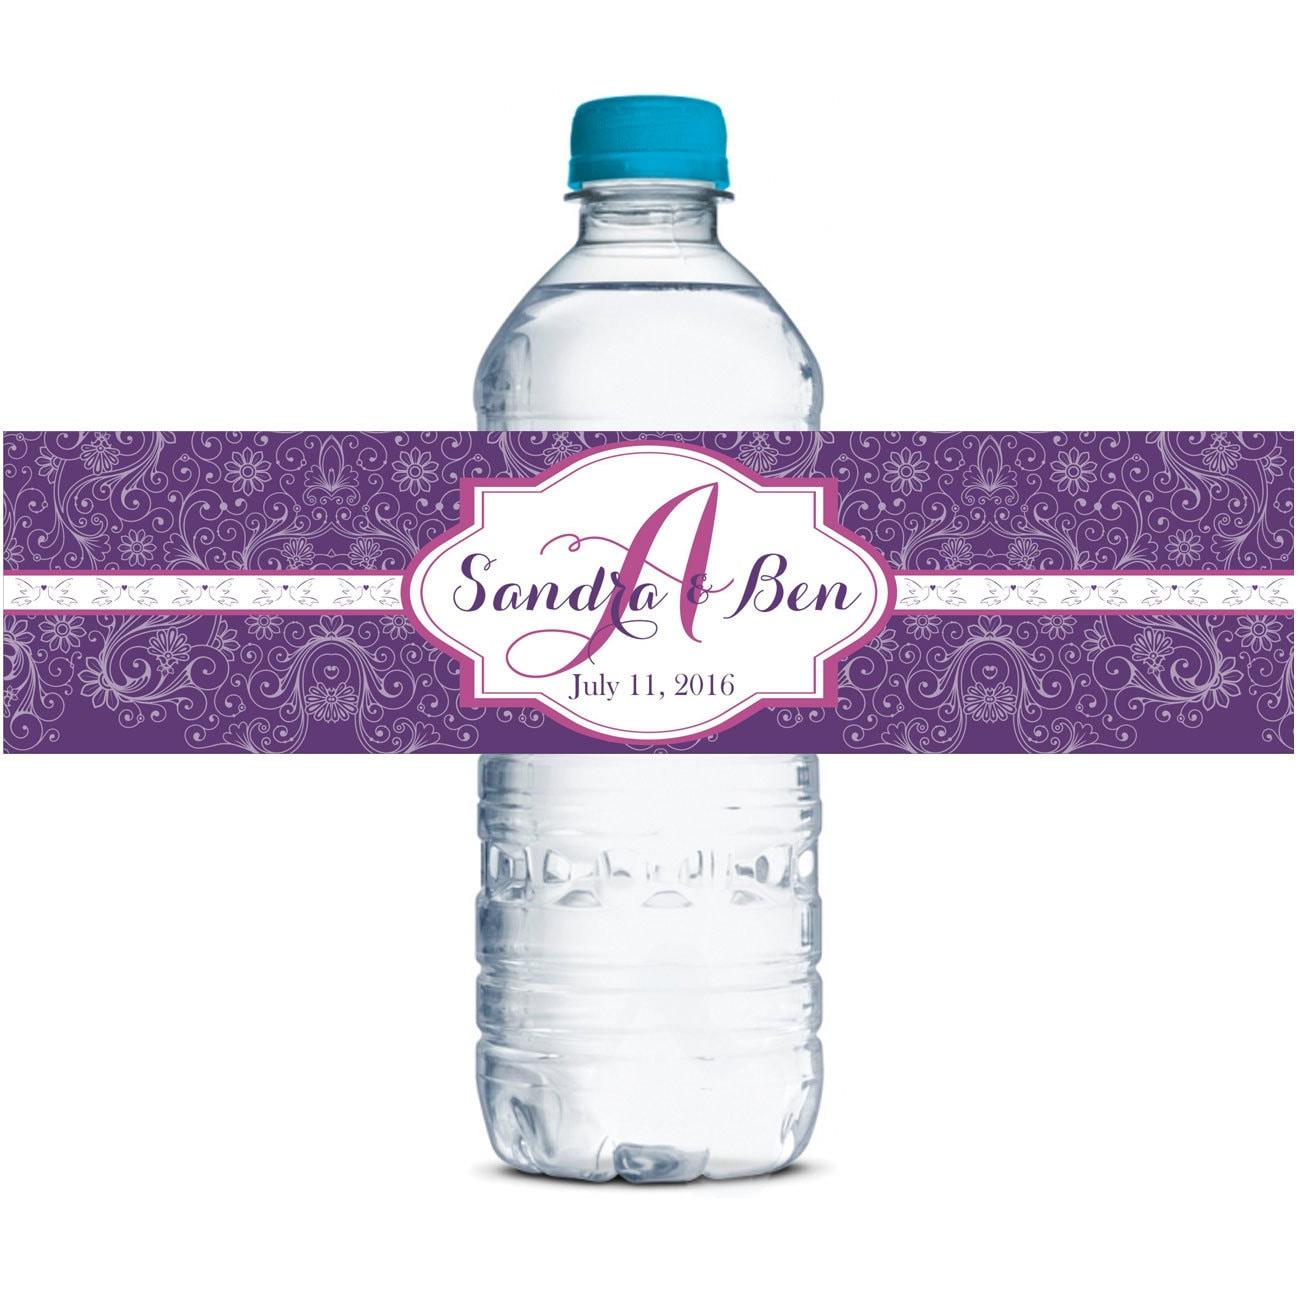 water bottle labels custom water bottle labels waterproof With custom waterproof labels for bottles